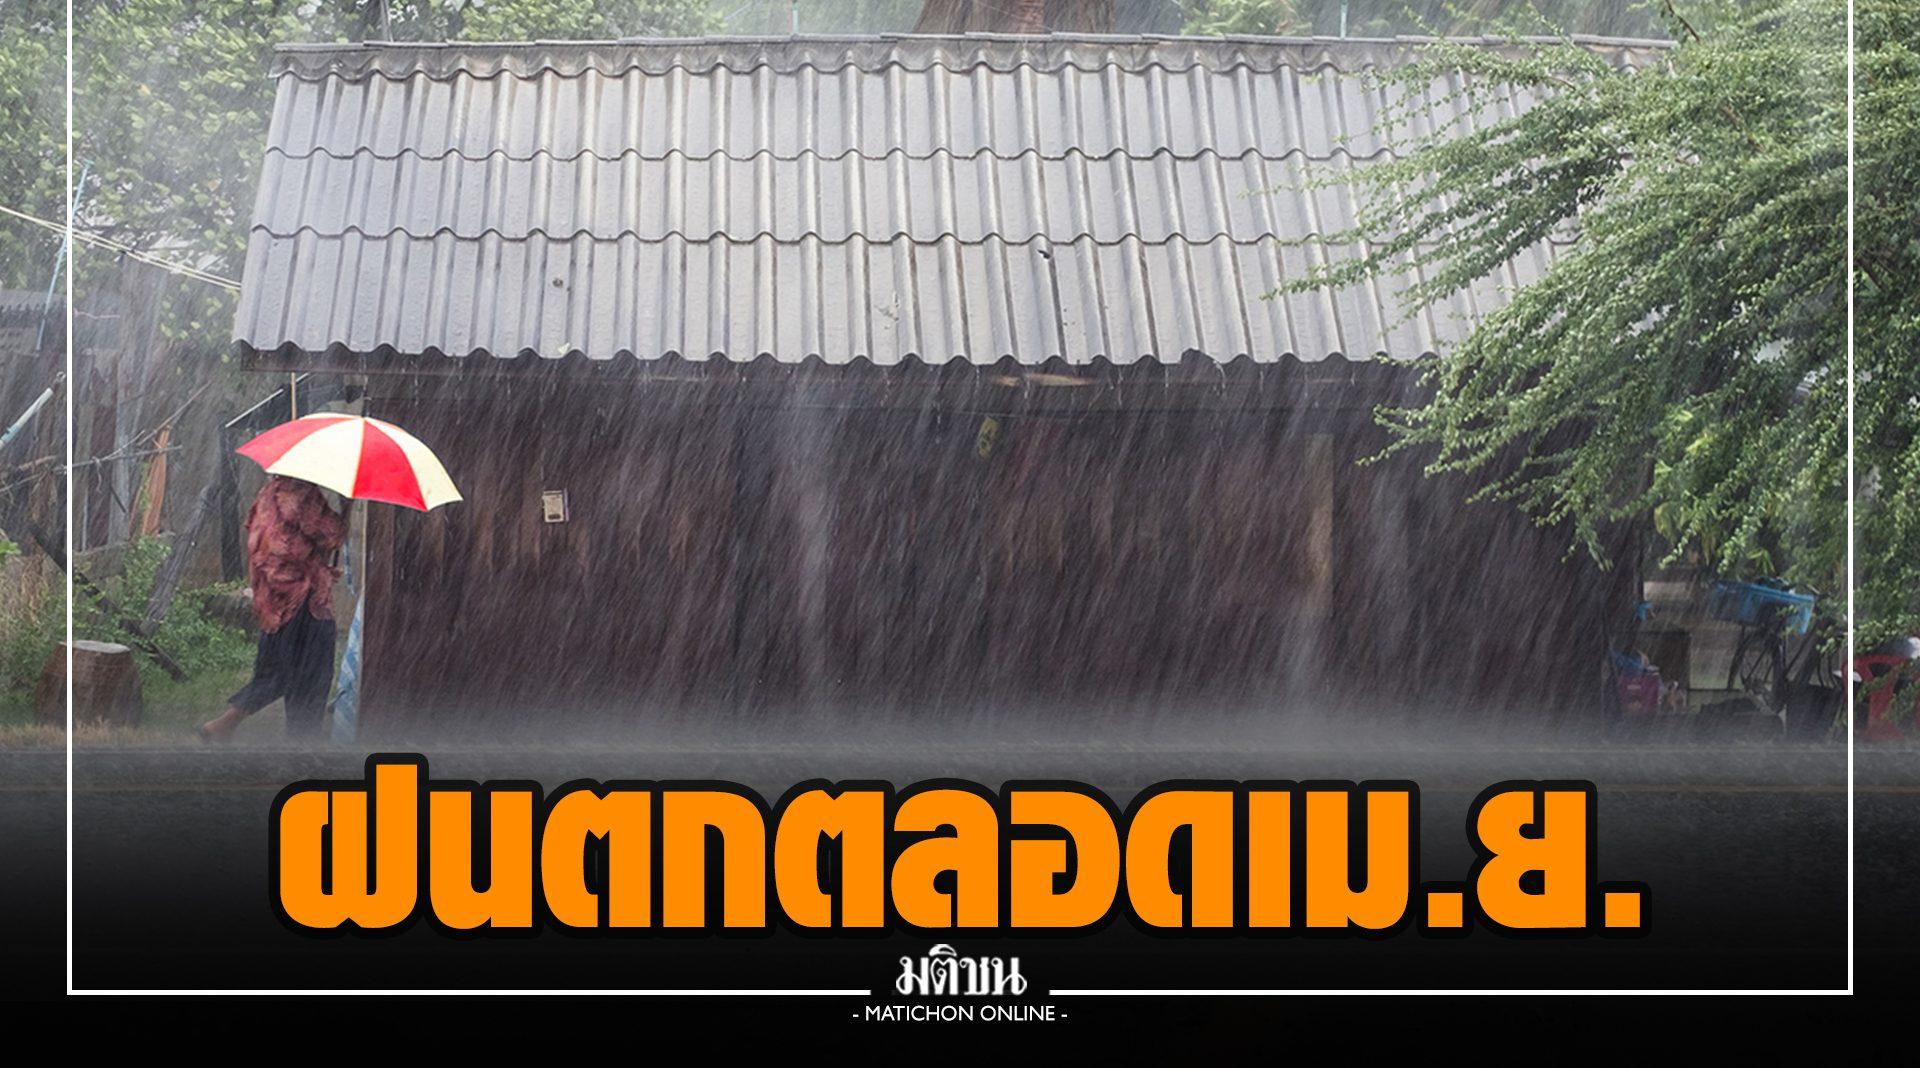 'อุตุฯ' เผยฝนตกตลอดเม.ย. แต่ไม่พอเก็บกัก-ทุกภาคยังมีภัยแล้ง